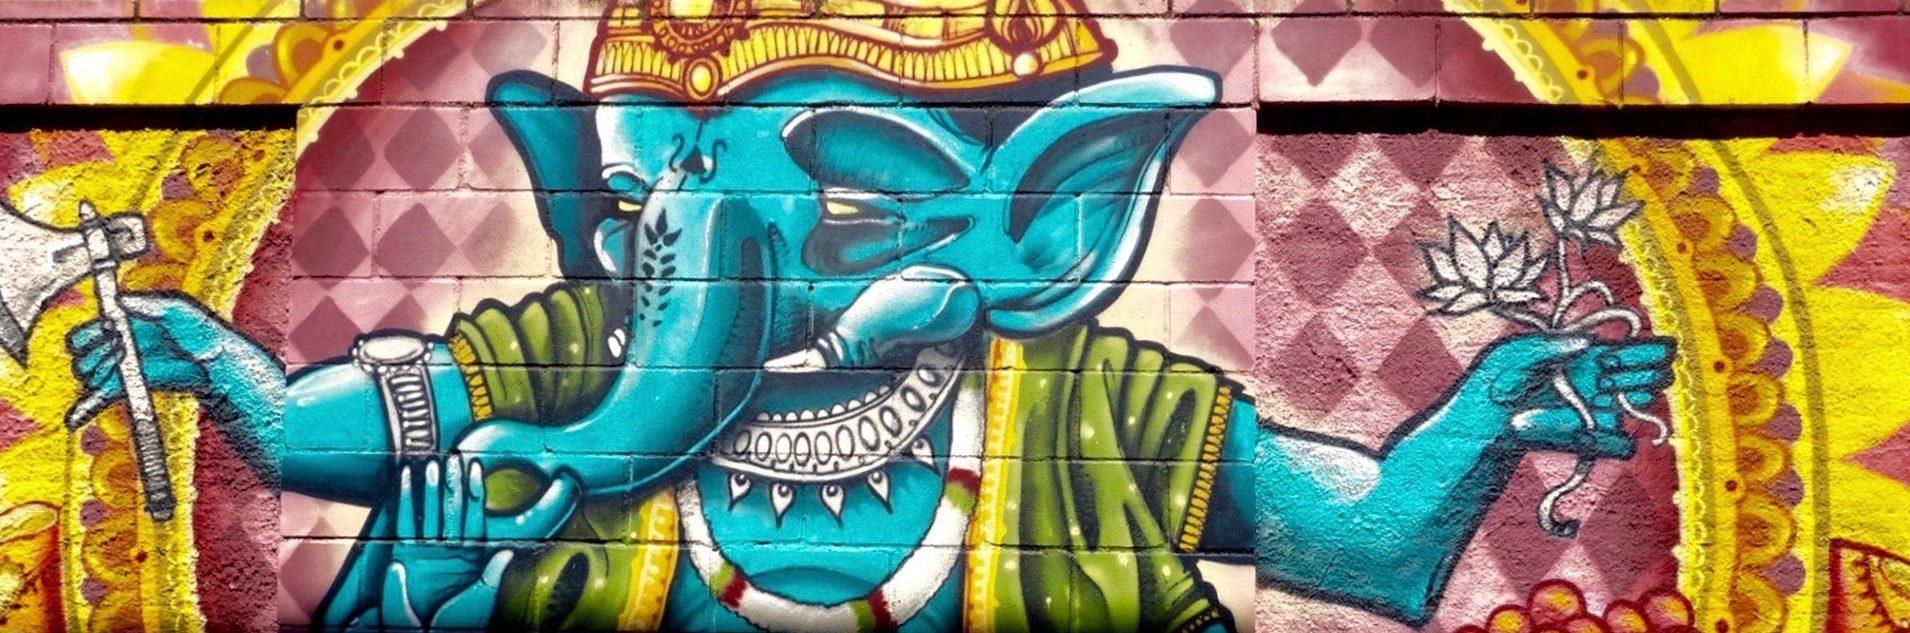 Auf diesem Bild ist ein buntes Graffiti an einer Hauswand zu sehen. Es zeigt sehr farbenfroh die hinduistische Gottheit Ganesha. Ganesha ist der Gott mit den vielen Armen und dem Elefantenkopf. Er steht unter anderem für die Kraft, HIndernisse aus dem Weg zu räumen.